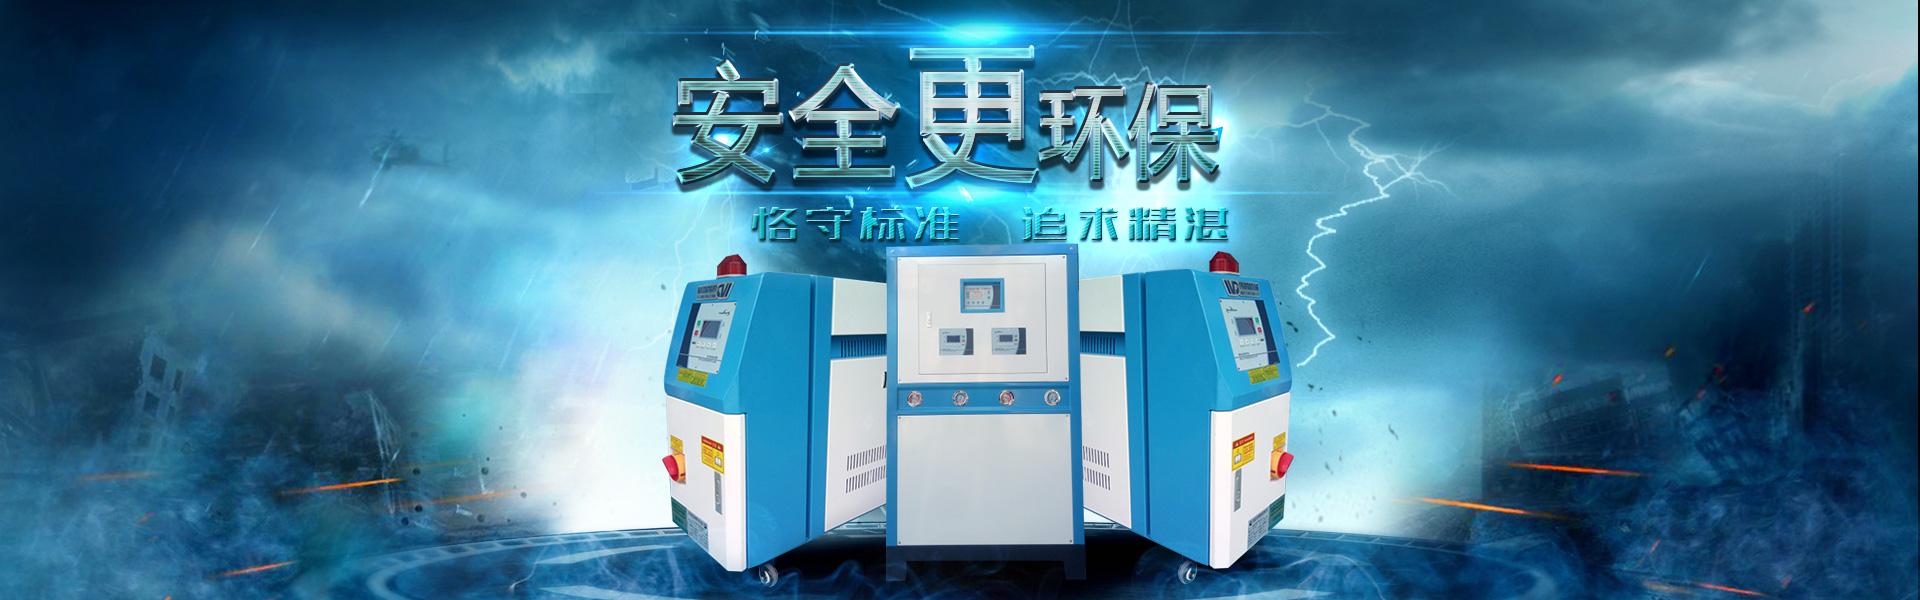 东莞工业水冷式冷水机自动化厂商